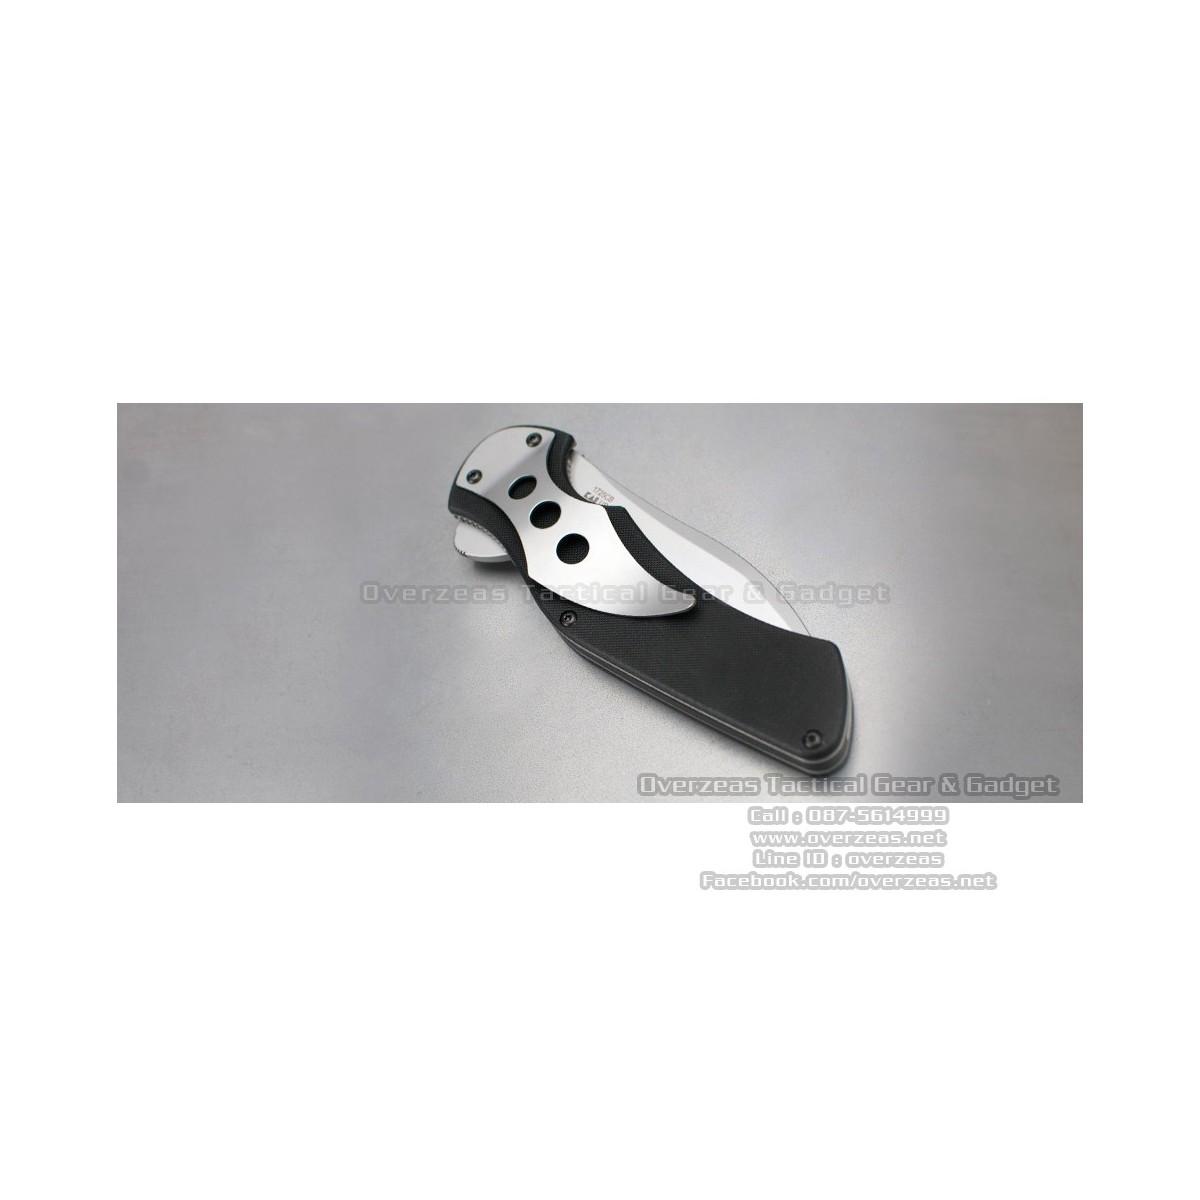 มีดพับ Kershaw Junkyard Dog 2.2 Manual Knife w/ Composite Blade 1725CB